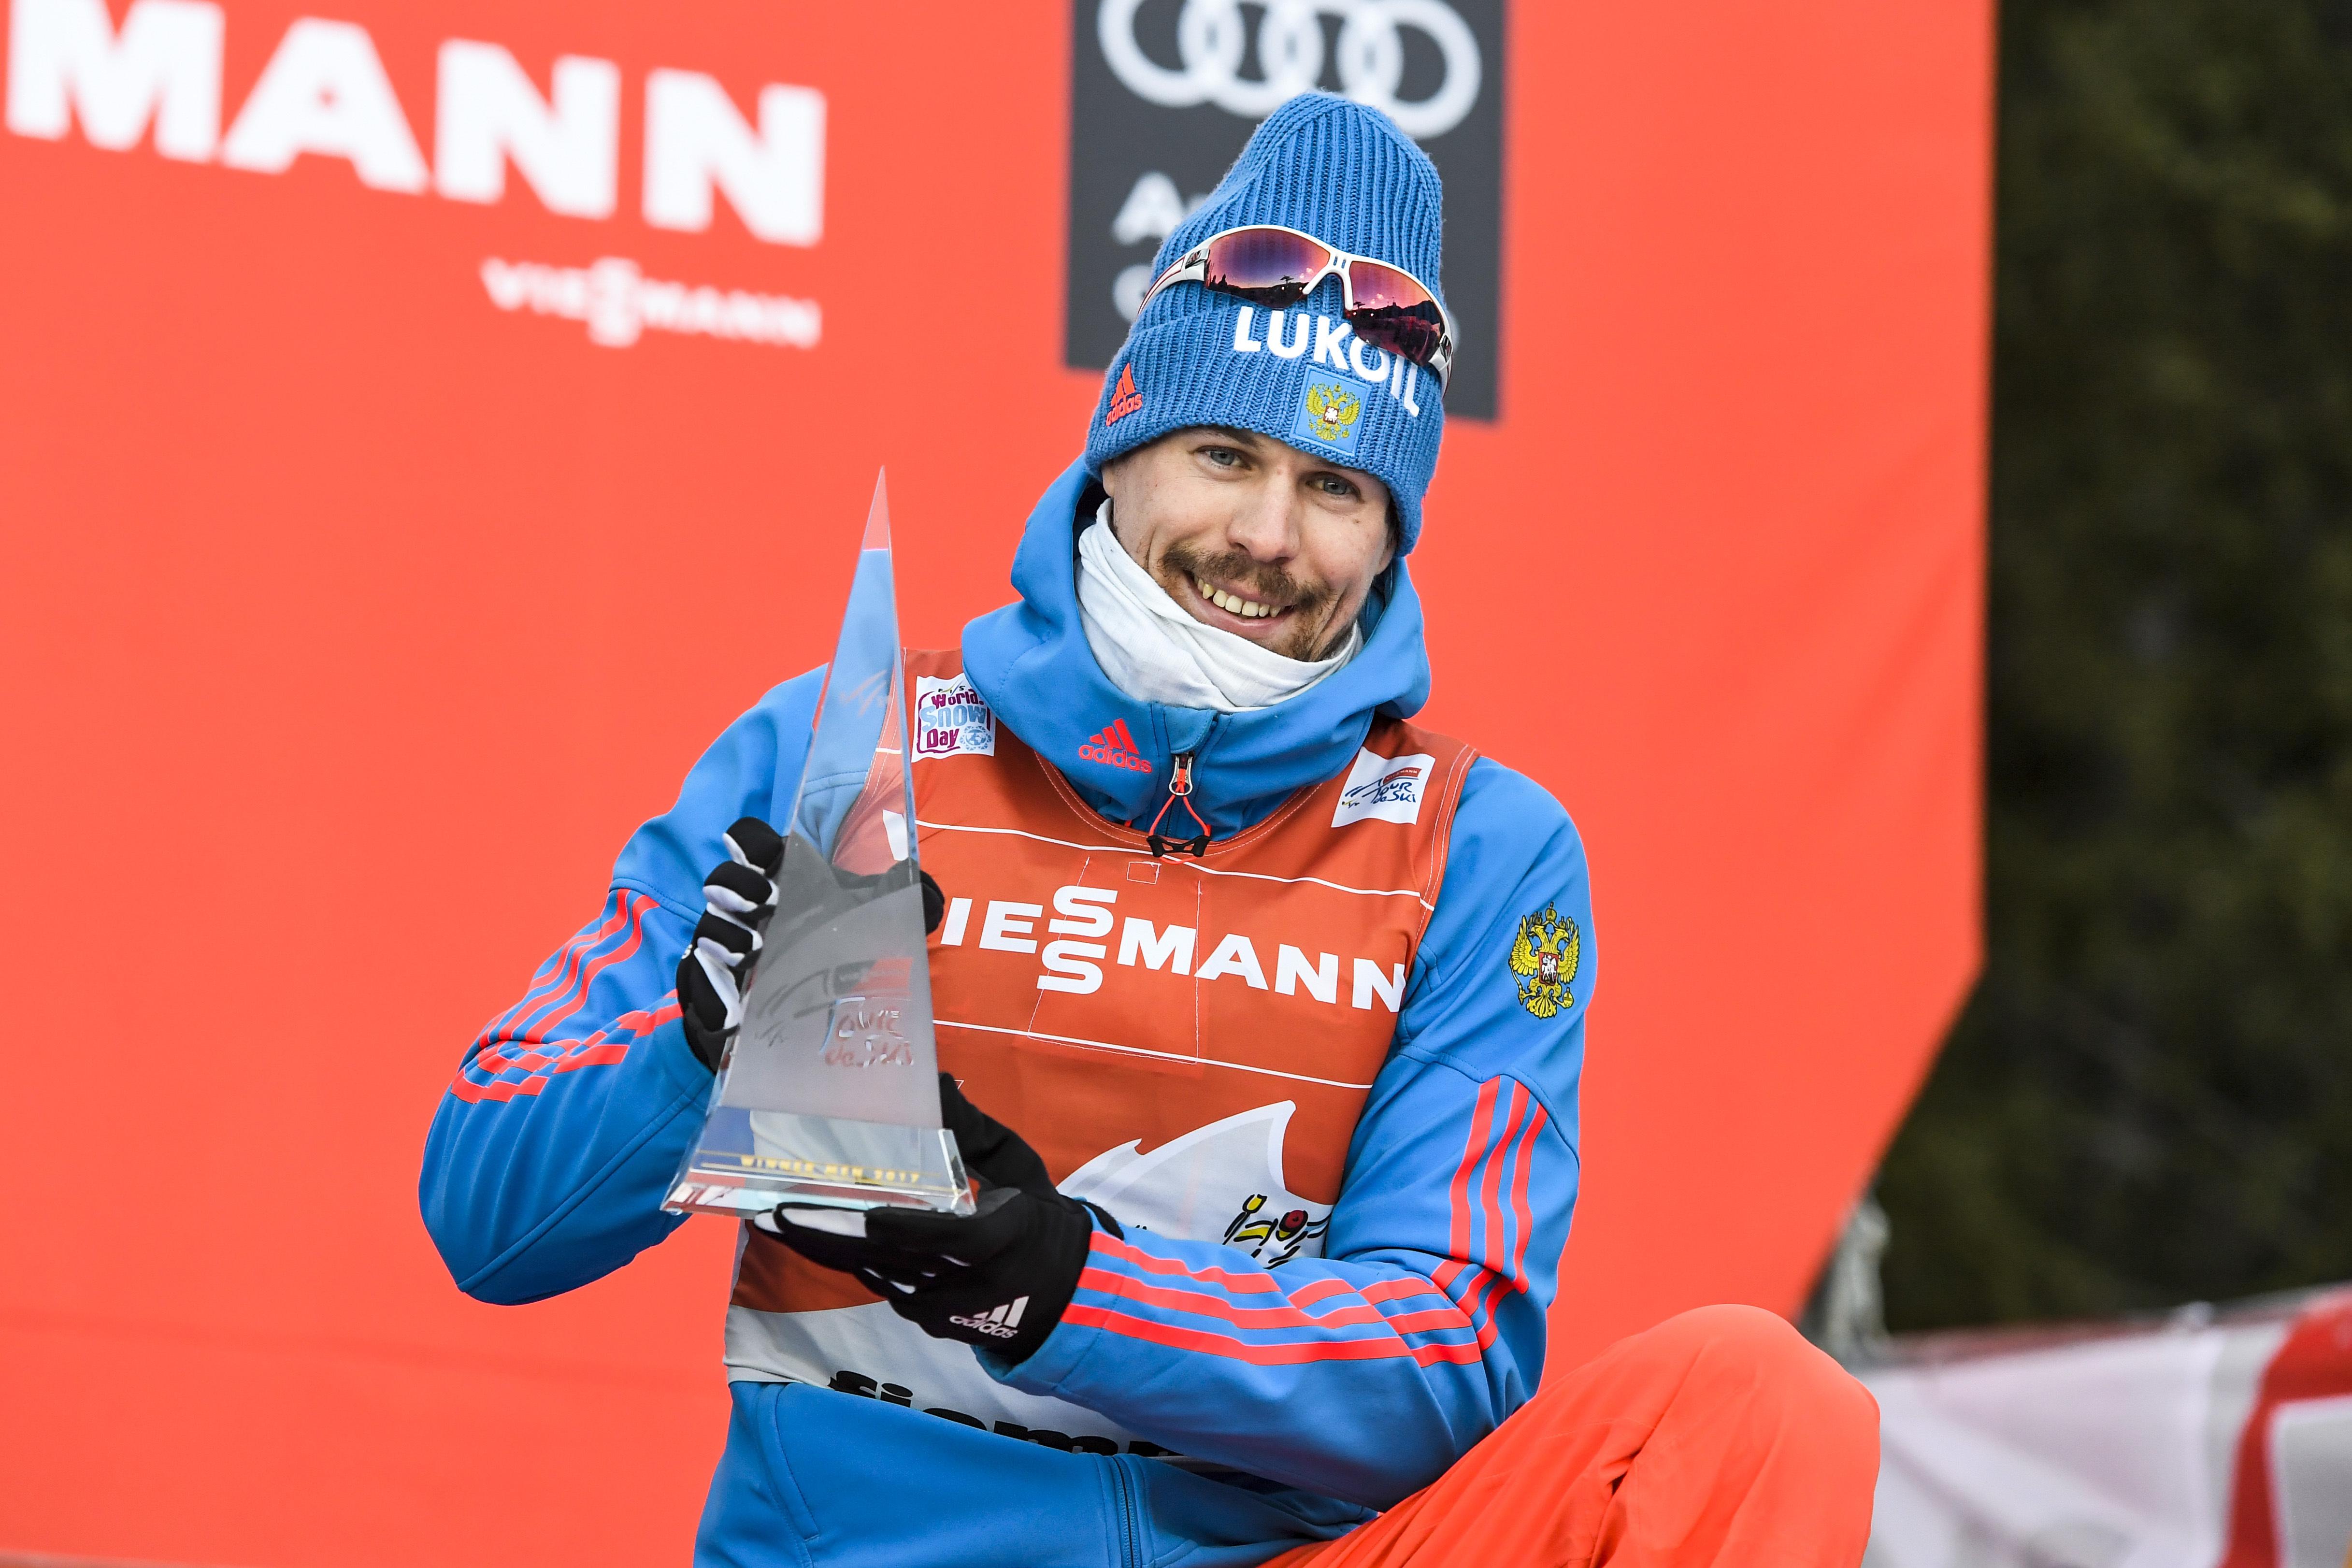 Сергей Устюгов одержал победу многодневку «Тур деСки»